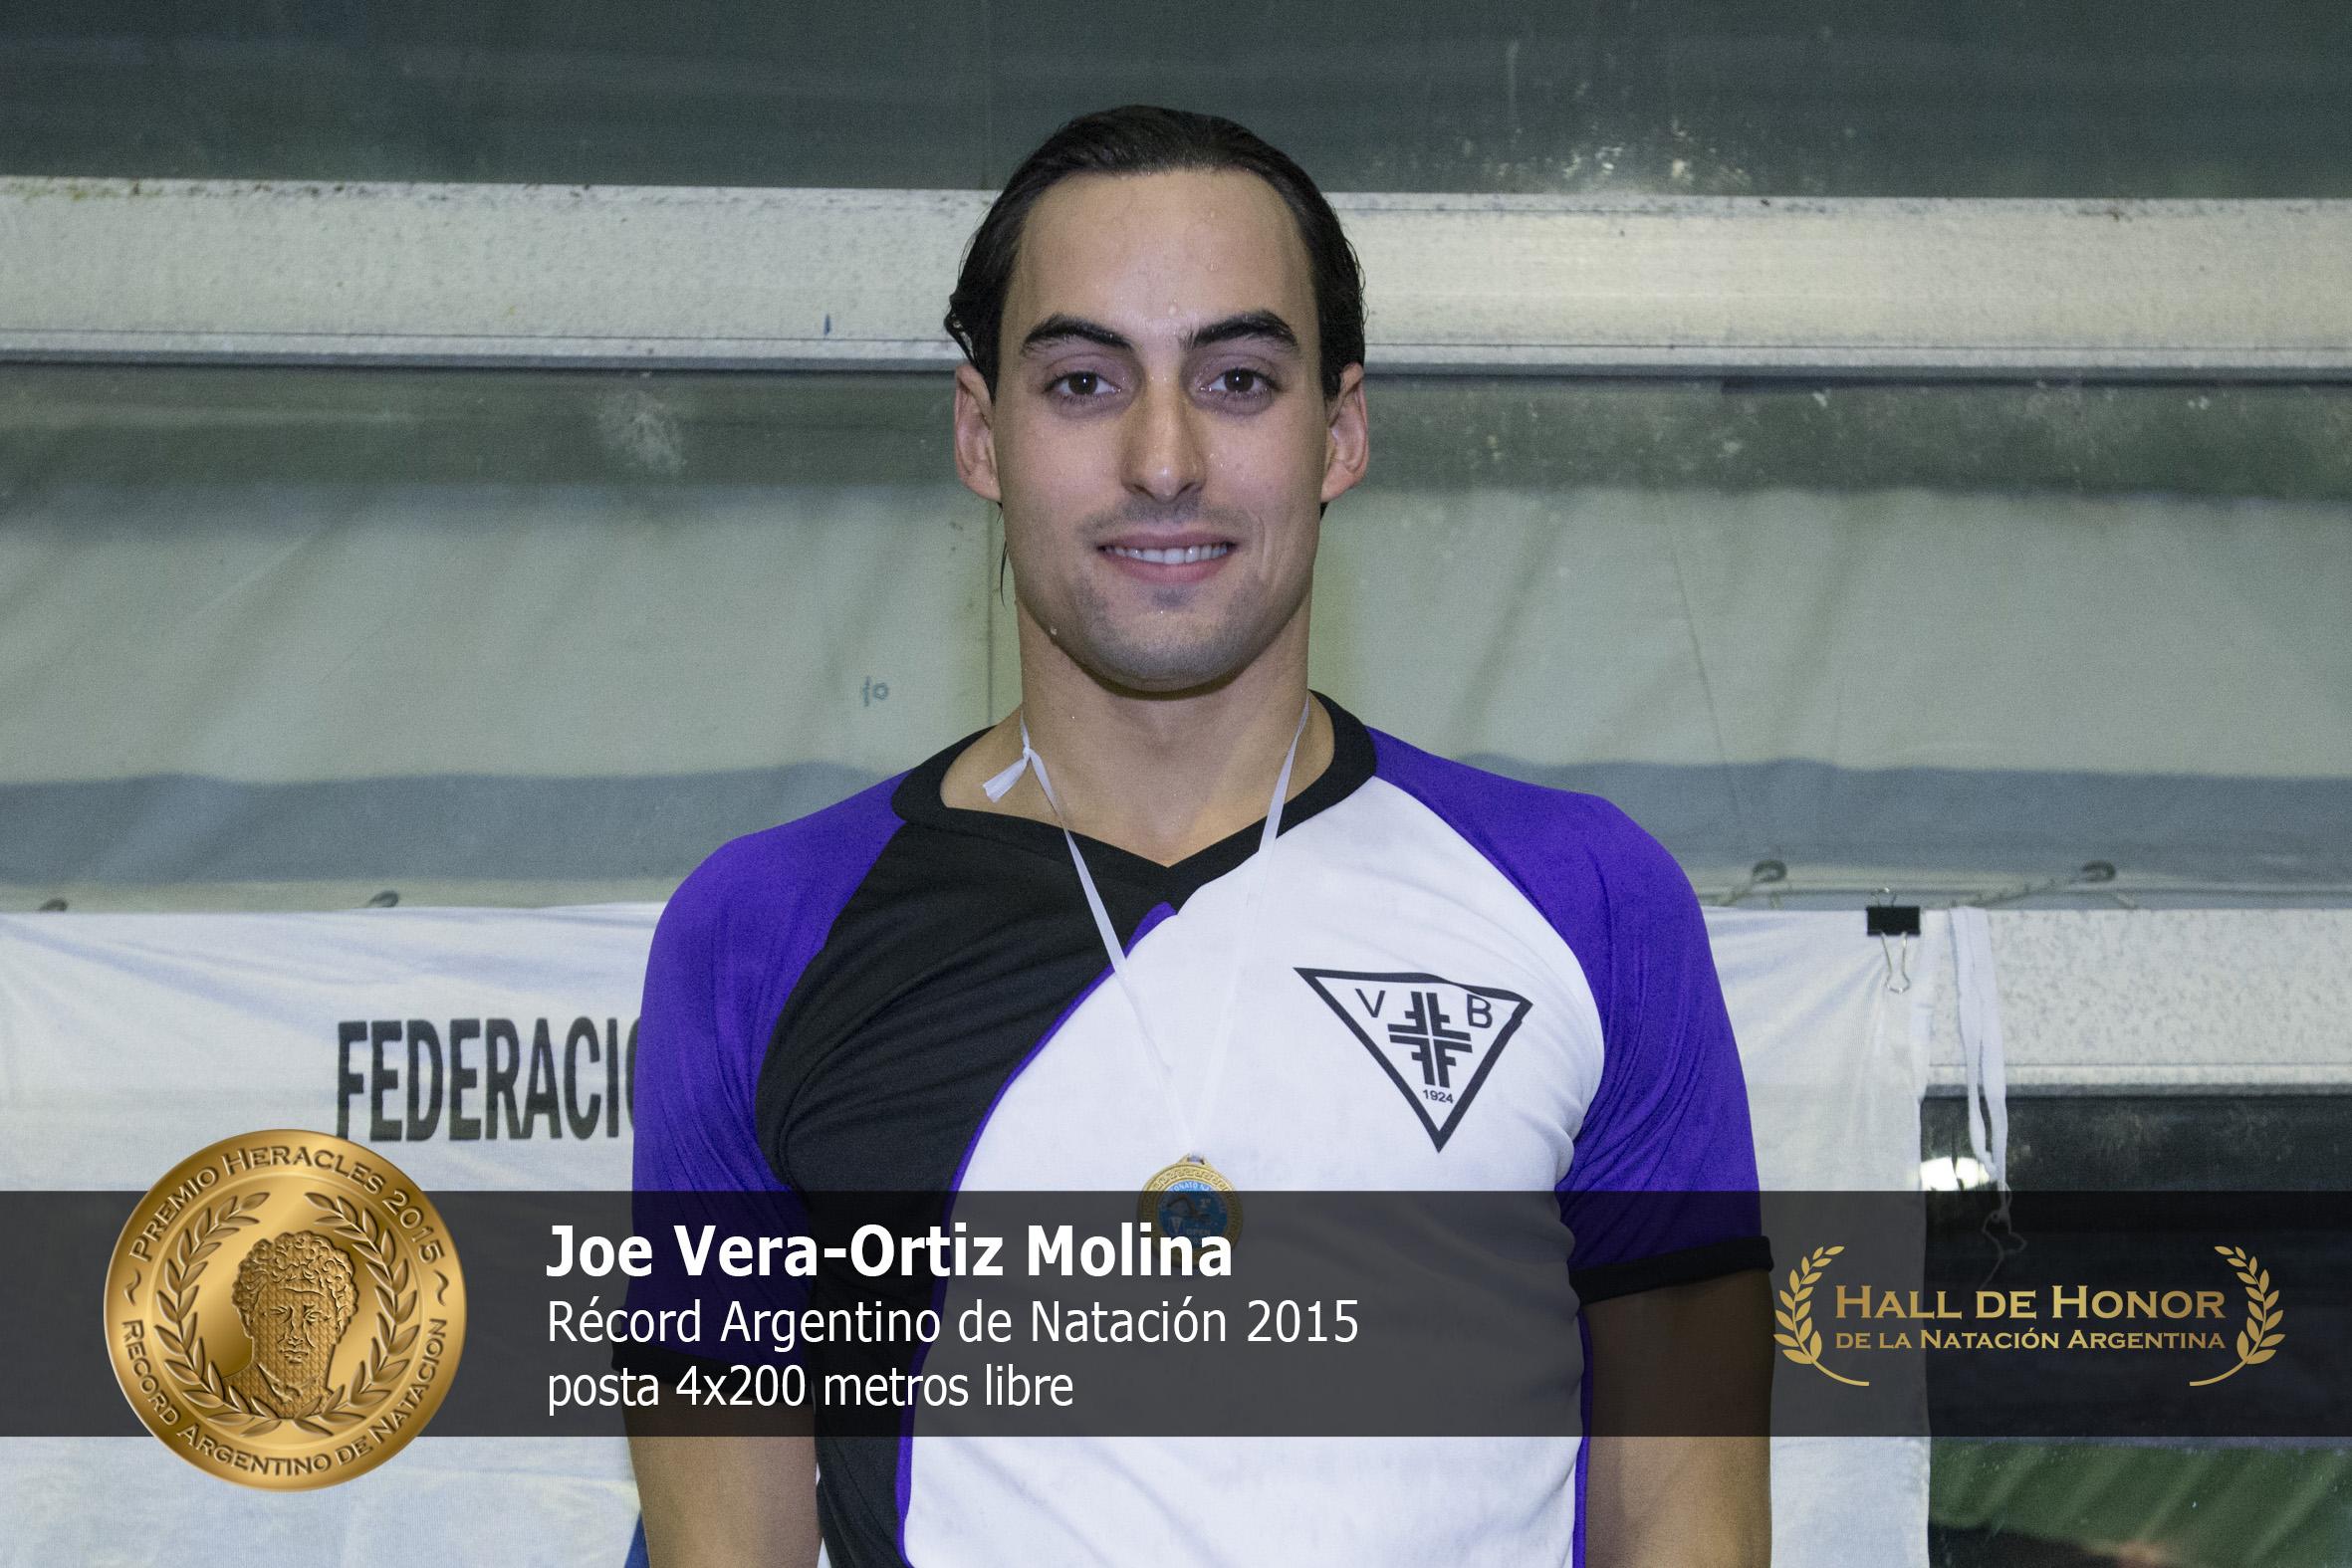 Joe Vera-Ortiz Molina